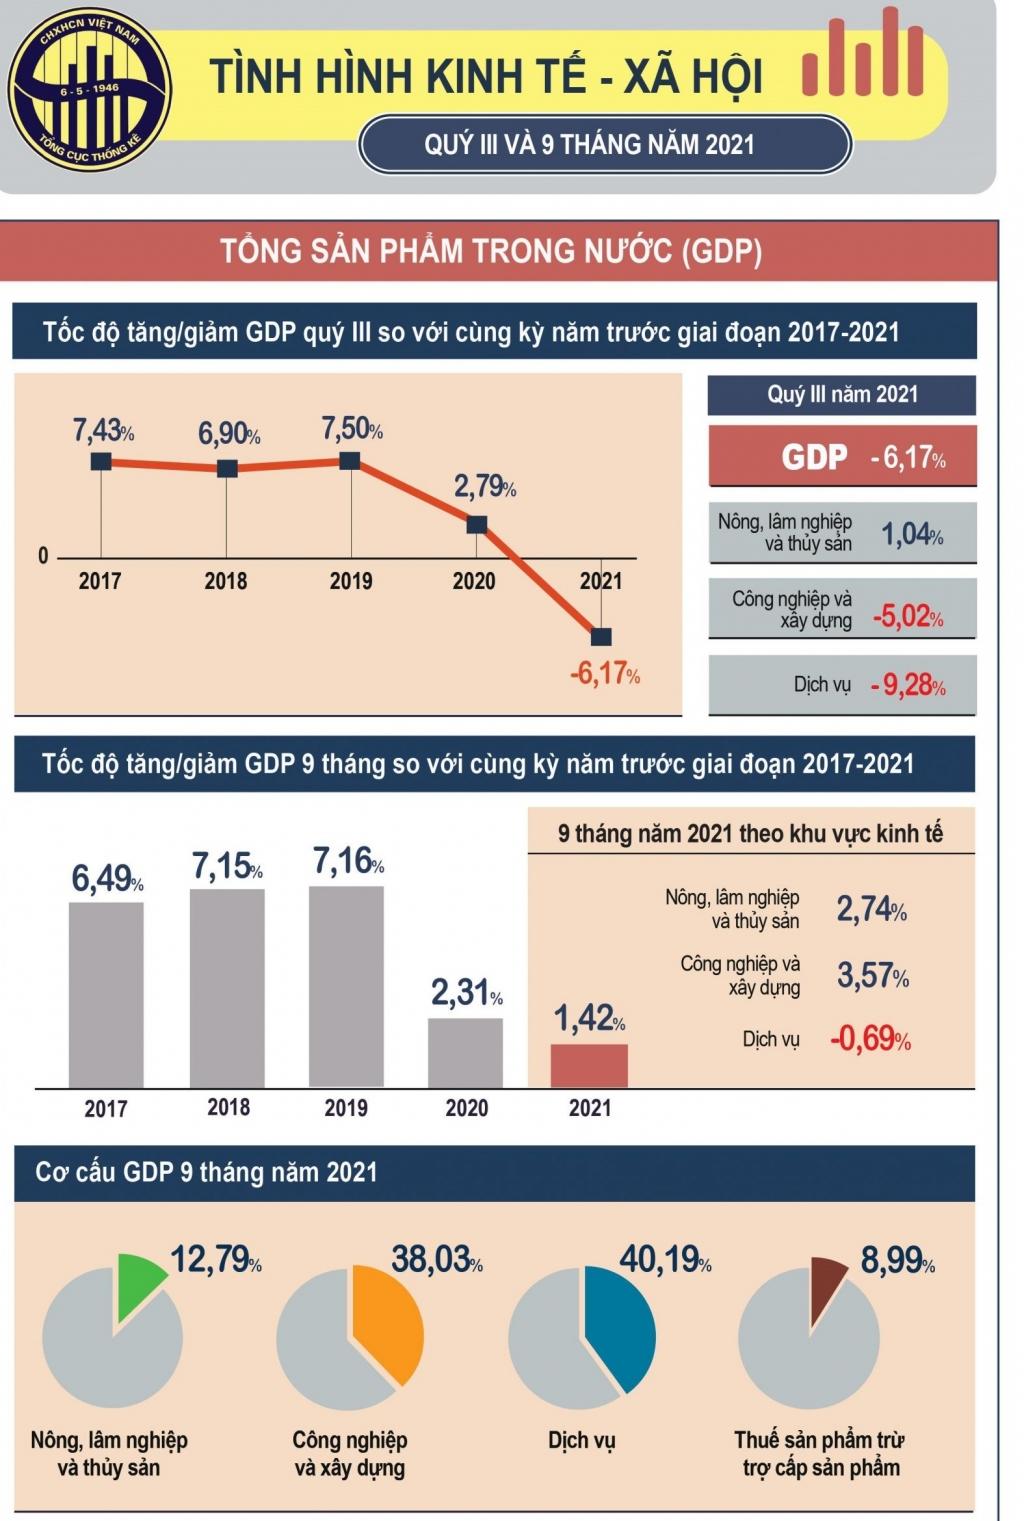 GDP quý III/2021 giảm kỷ lục, ước tính giảm 6,17%